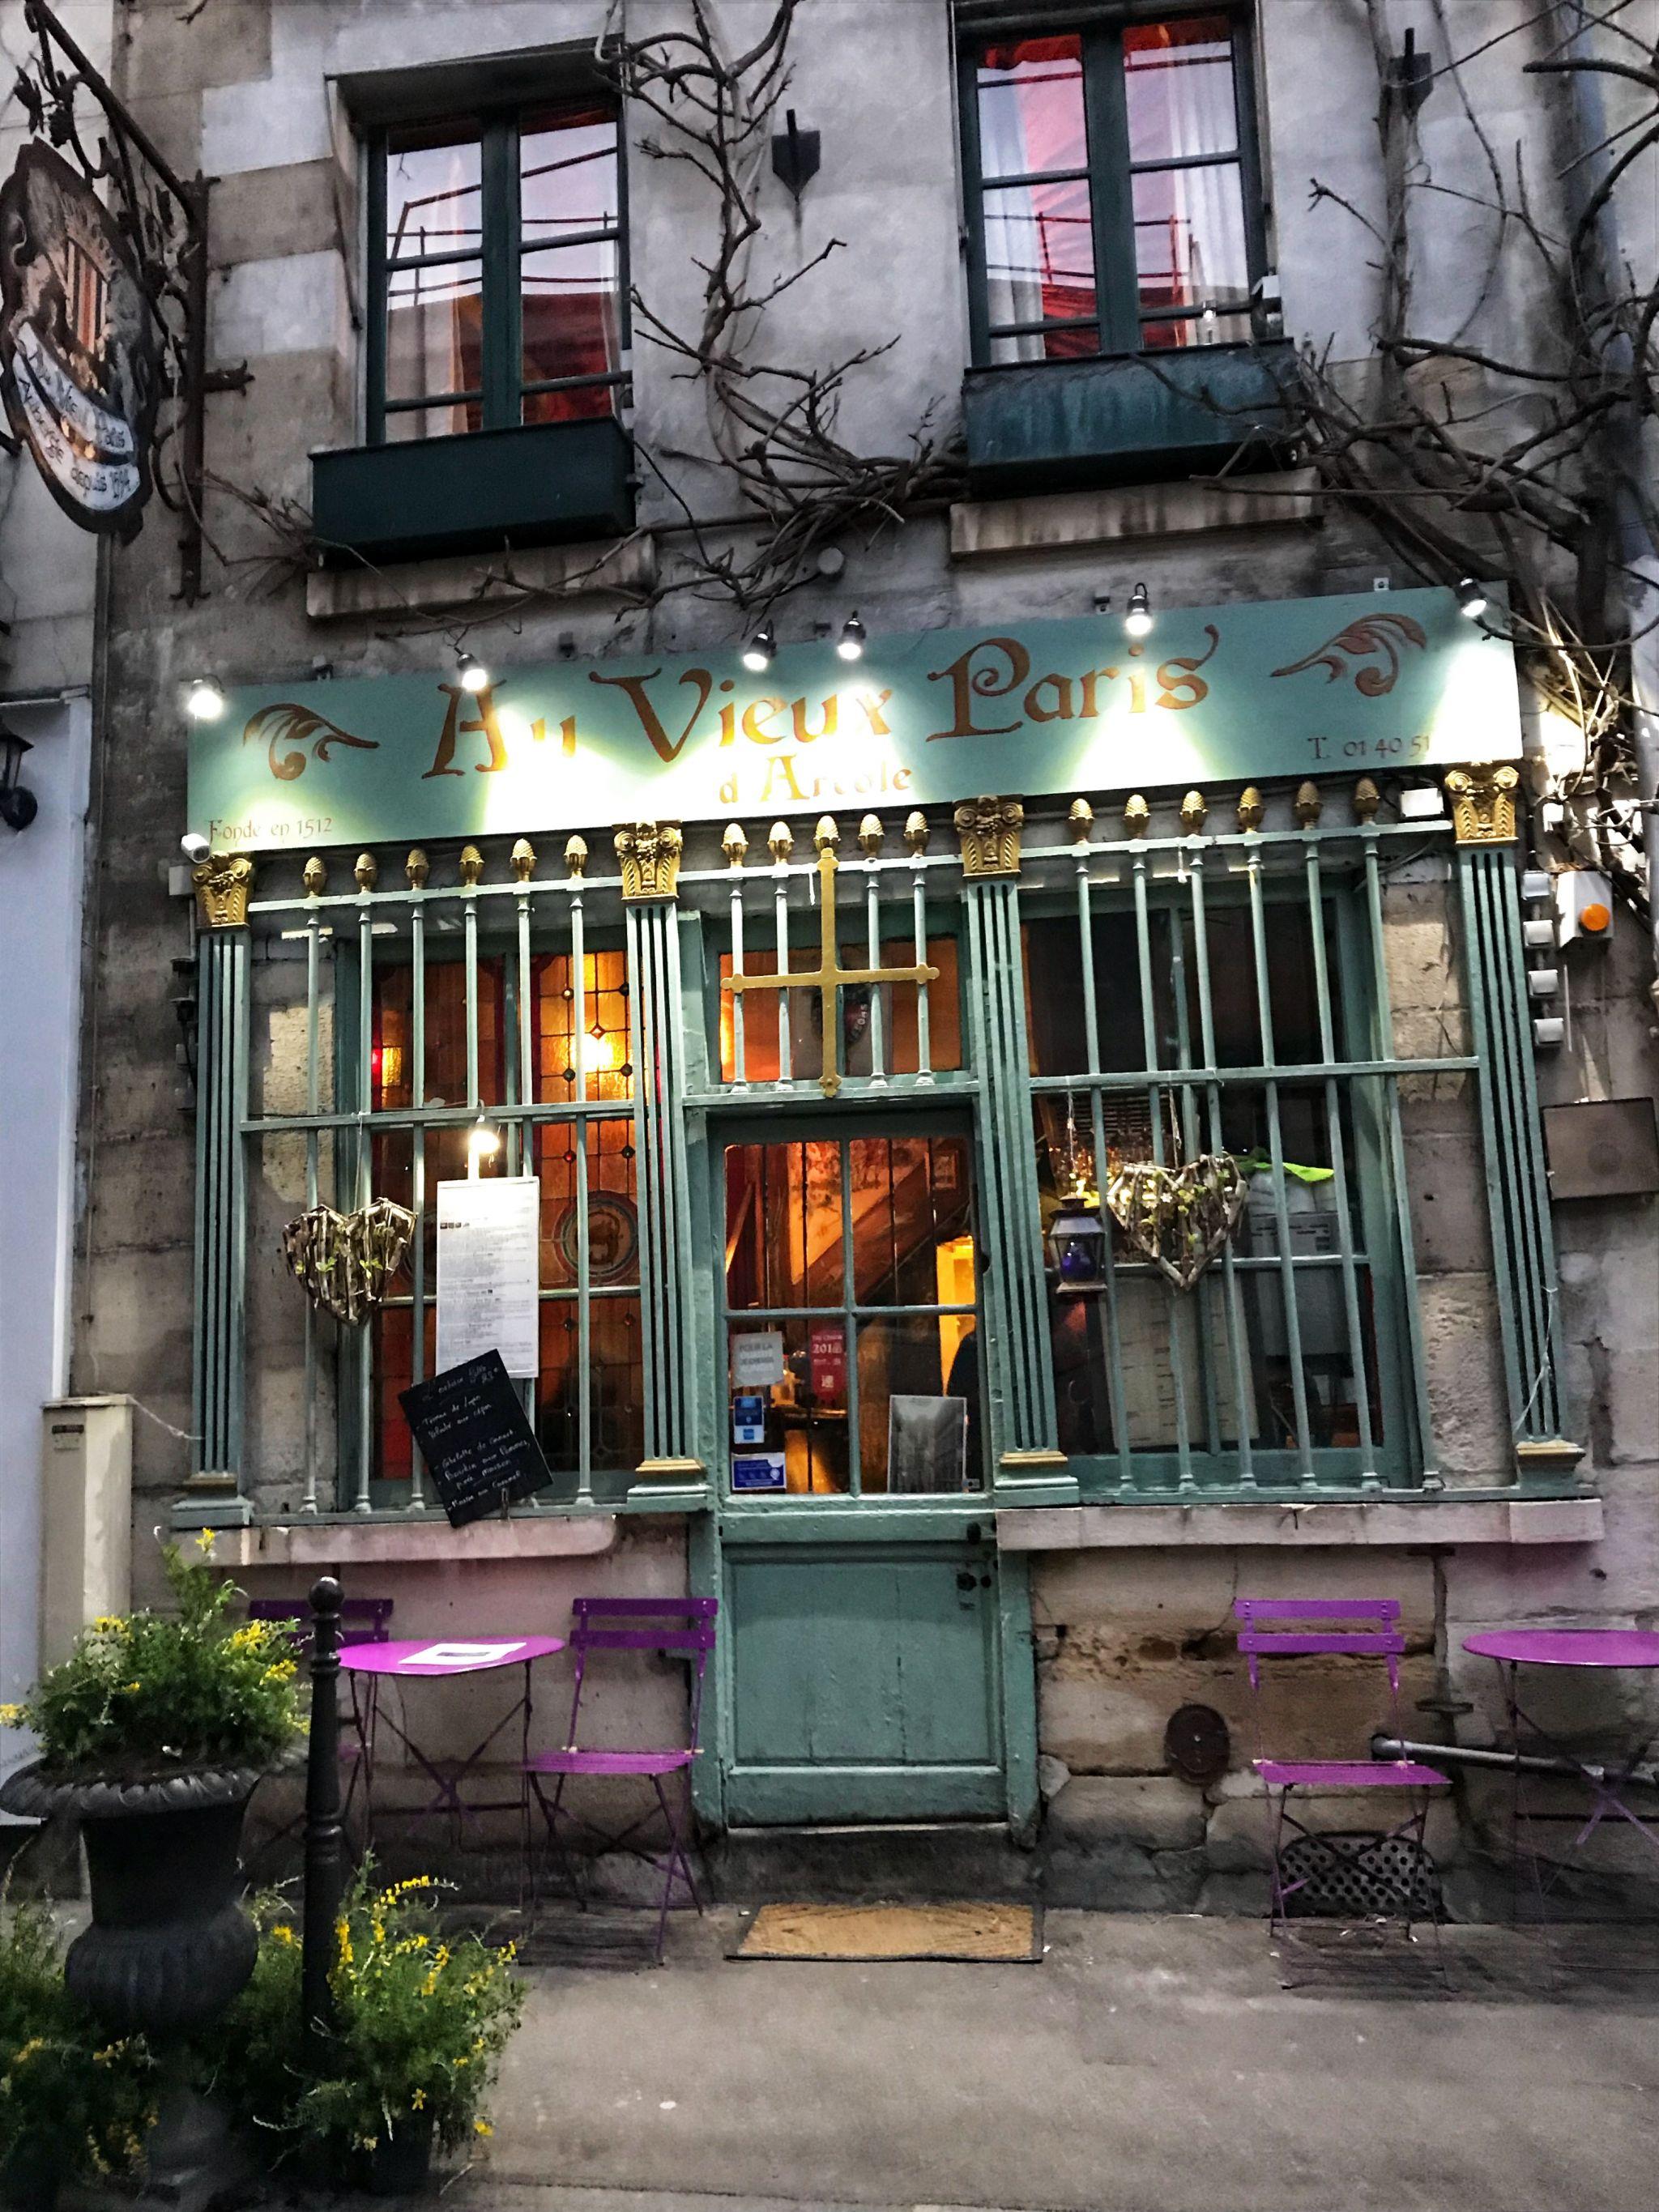 Au Vieux Paris D'Arcole Restaurant